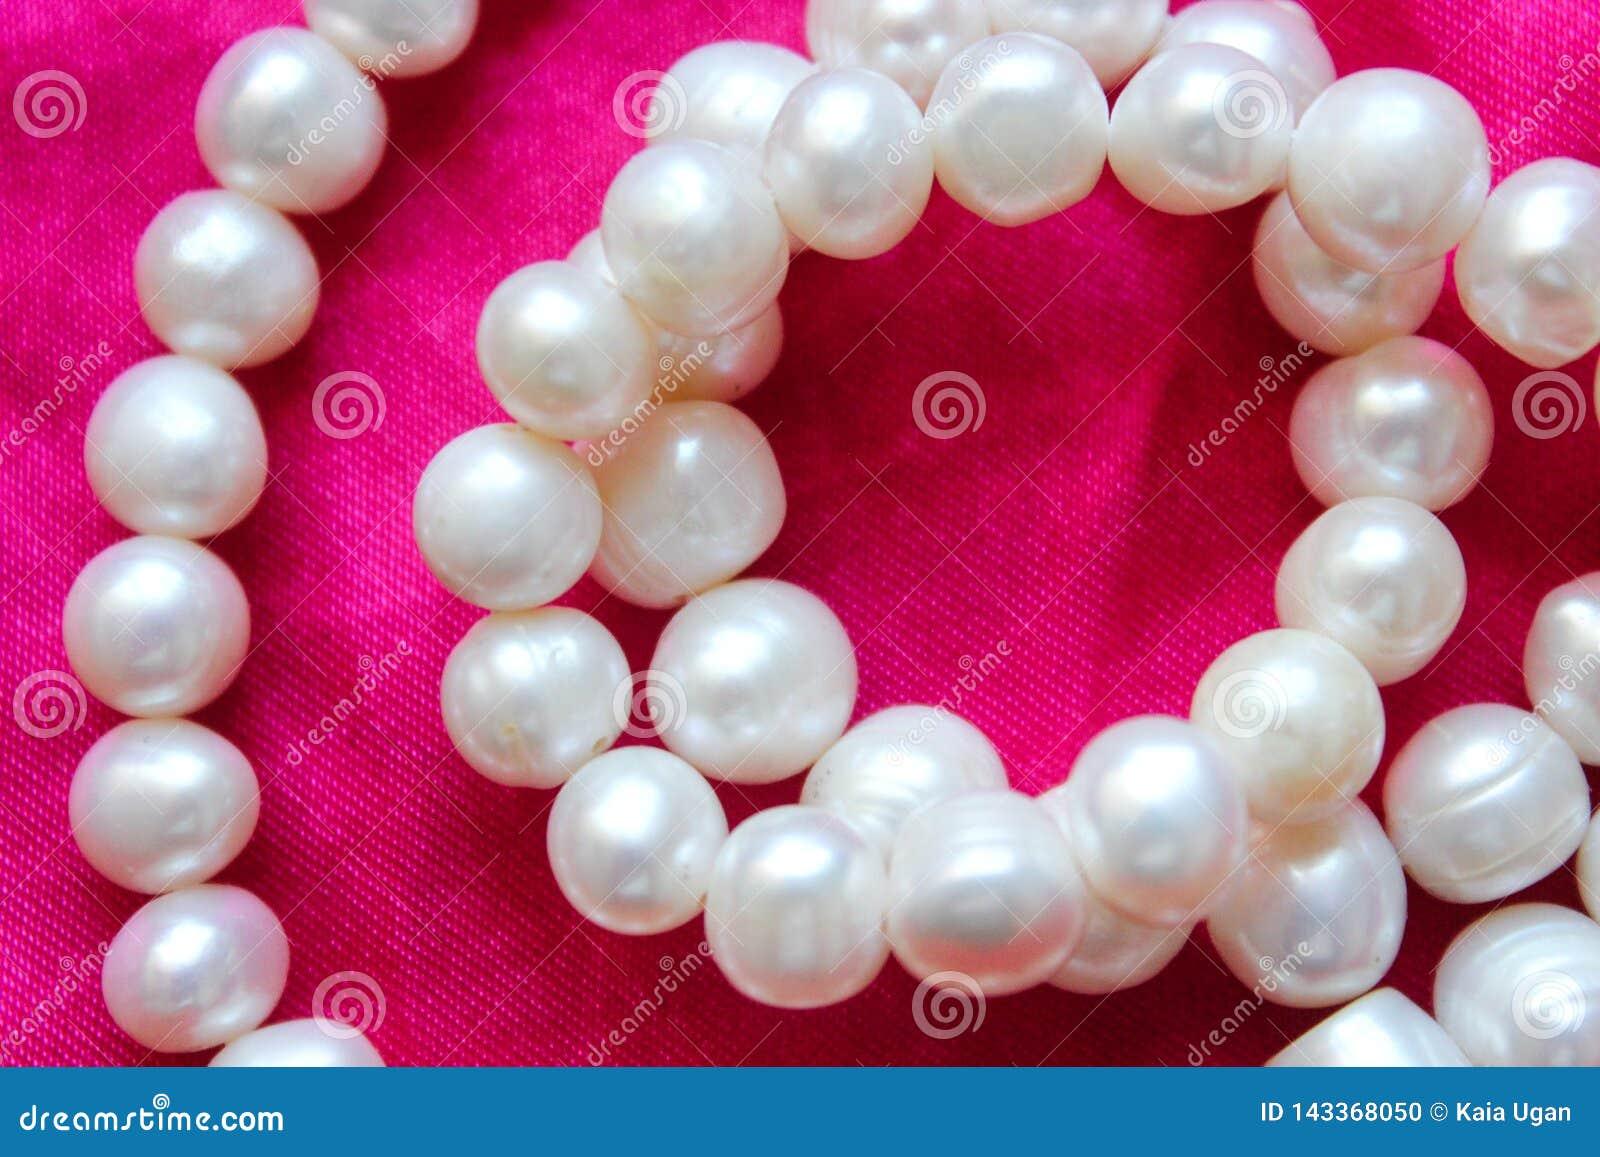 Rosa bakgrund med vita pärlor Härligt texturera